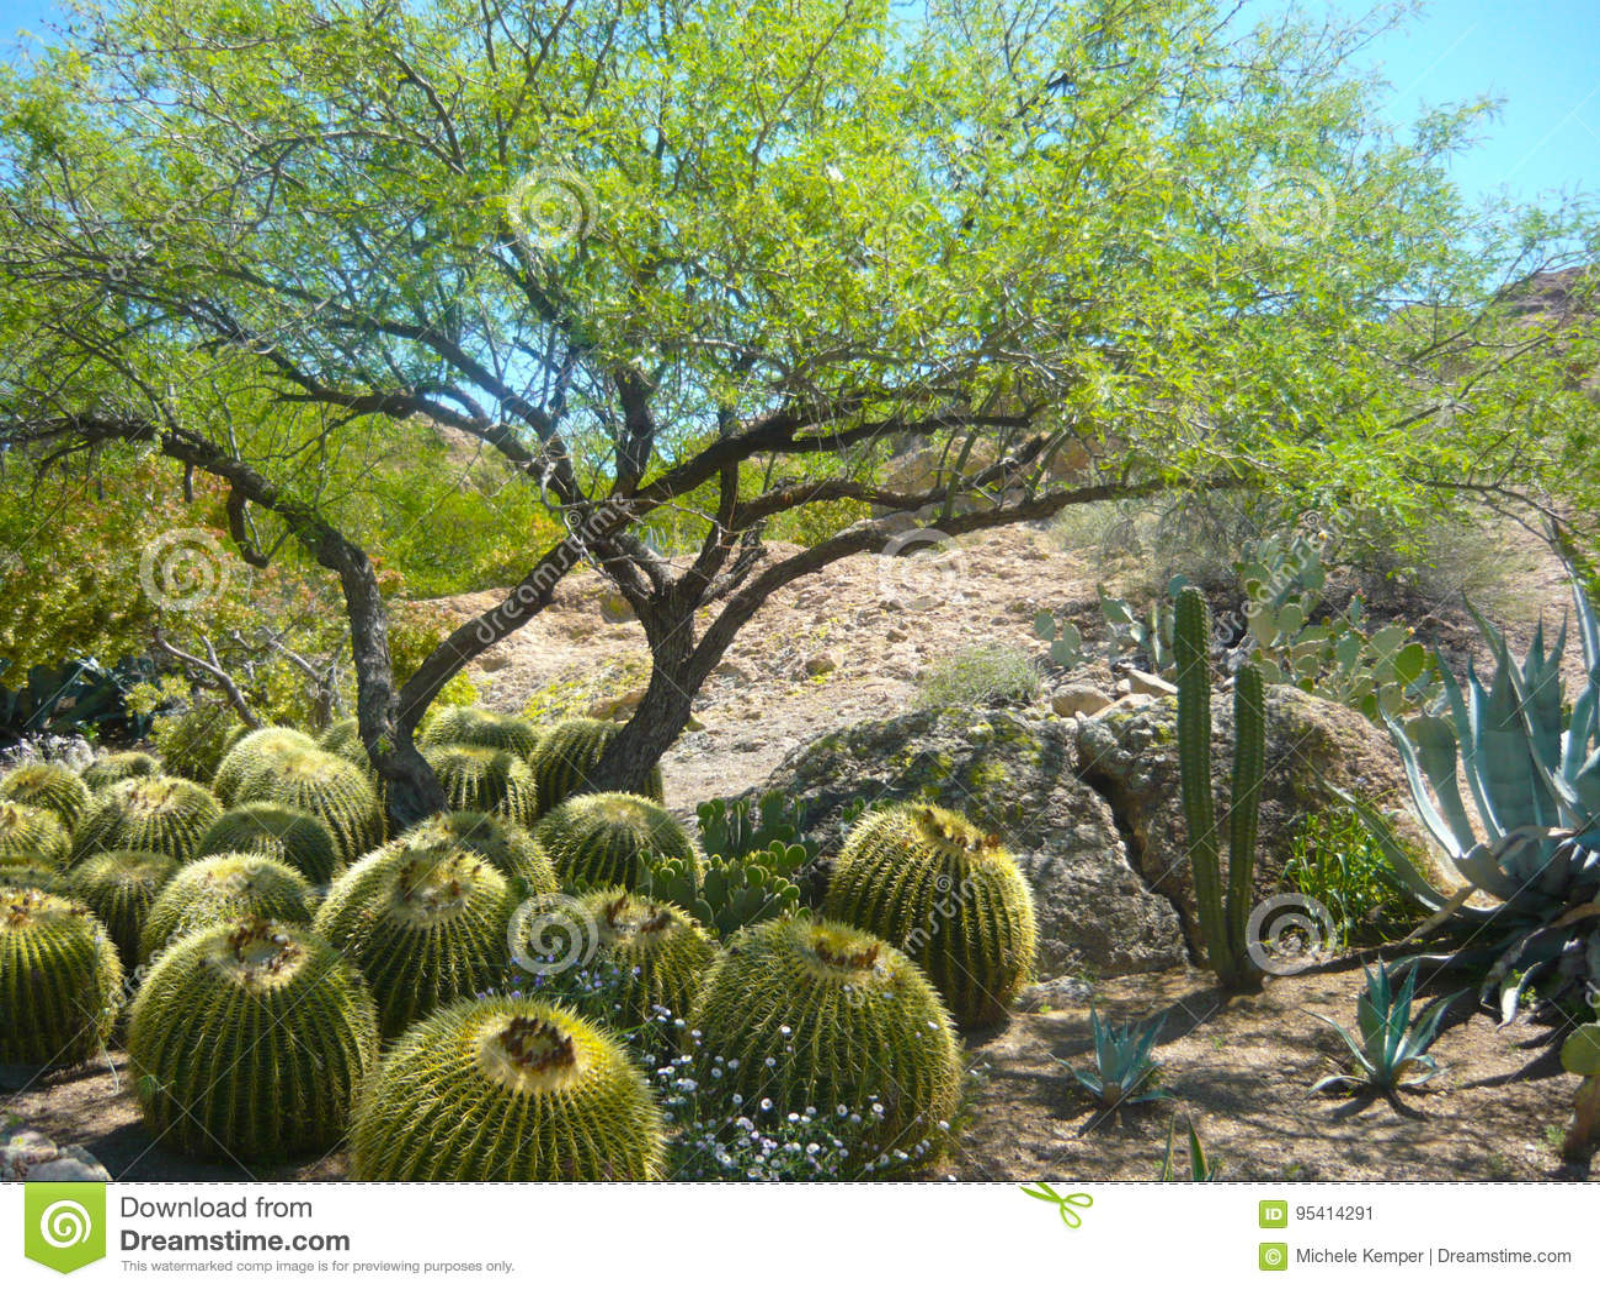 Barrel Cactus under Mesquite tree shade